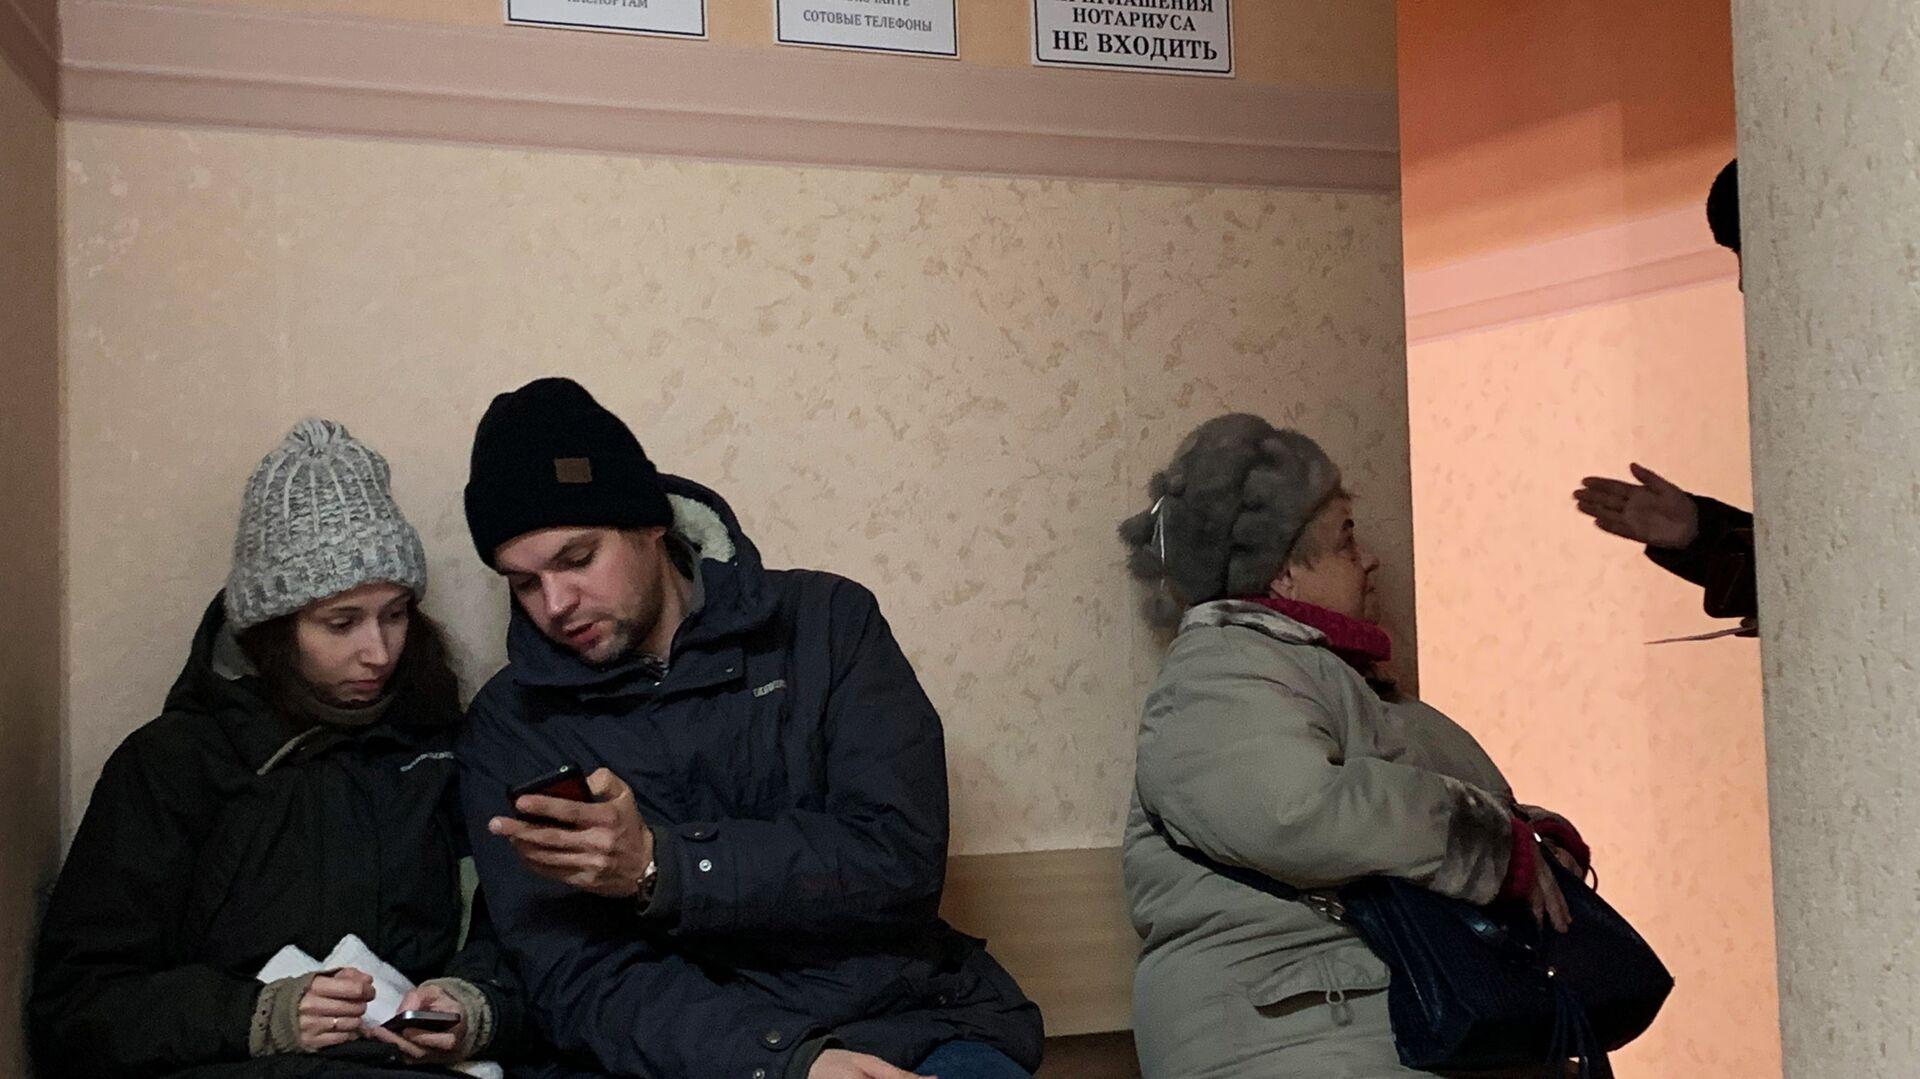 Люди сидят в очереди к нотариусу - РИА Новости, 1920, 08.04.2021